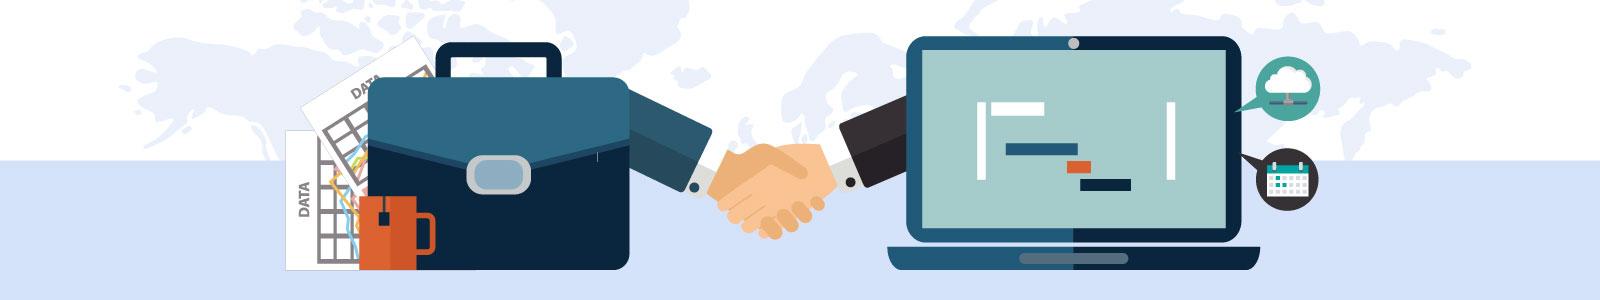 Análisis, planificación y previsión para empresas de Servicios Profesionales